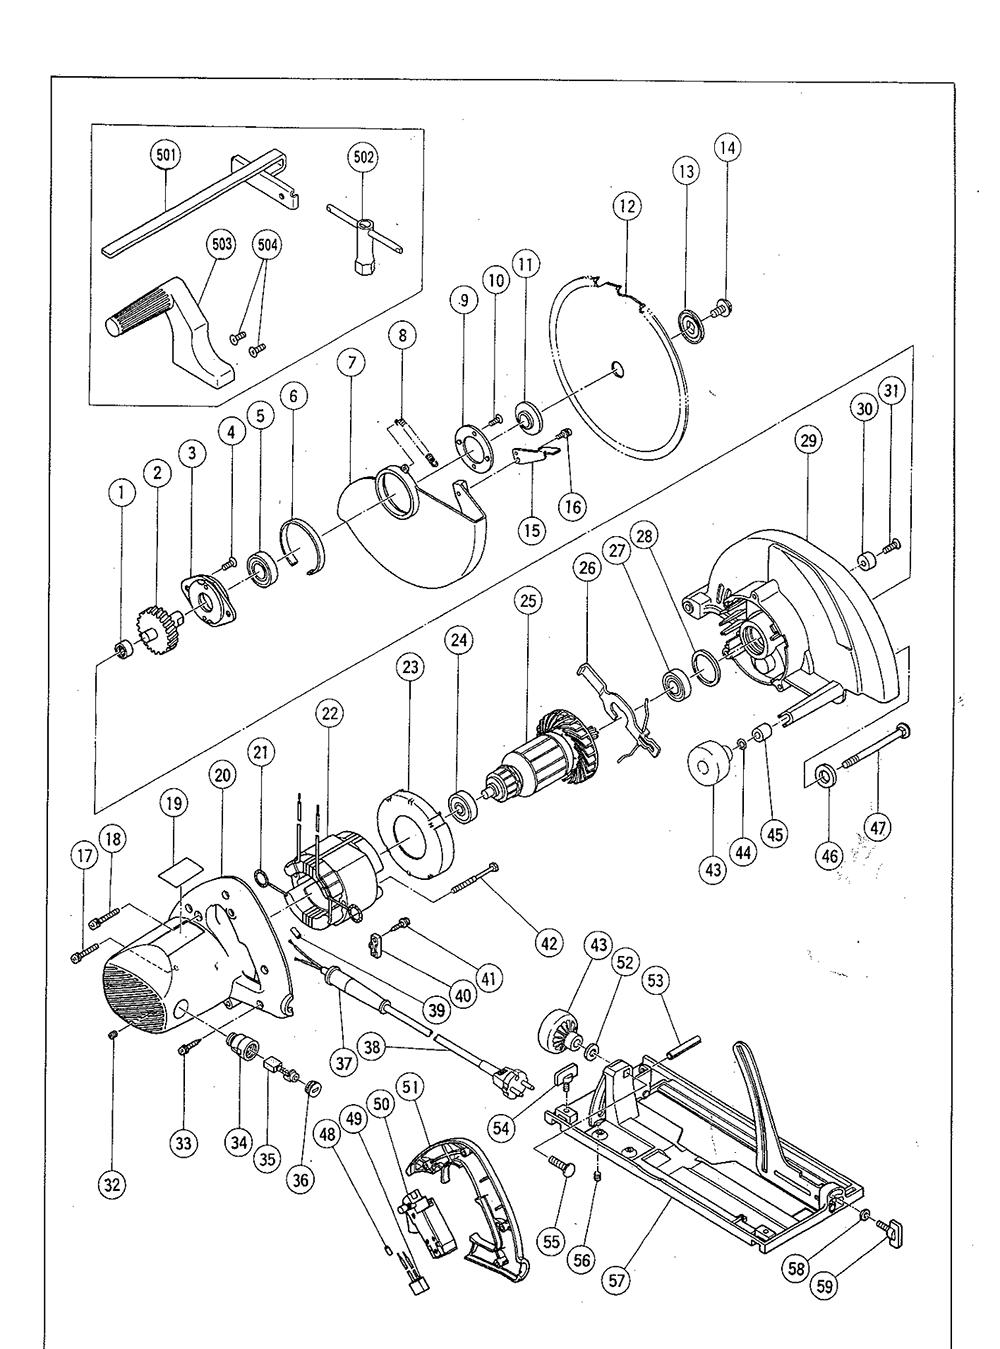 Hitachi C9 Parts Schematic